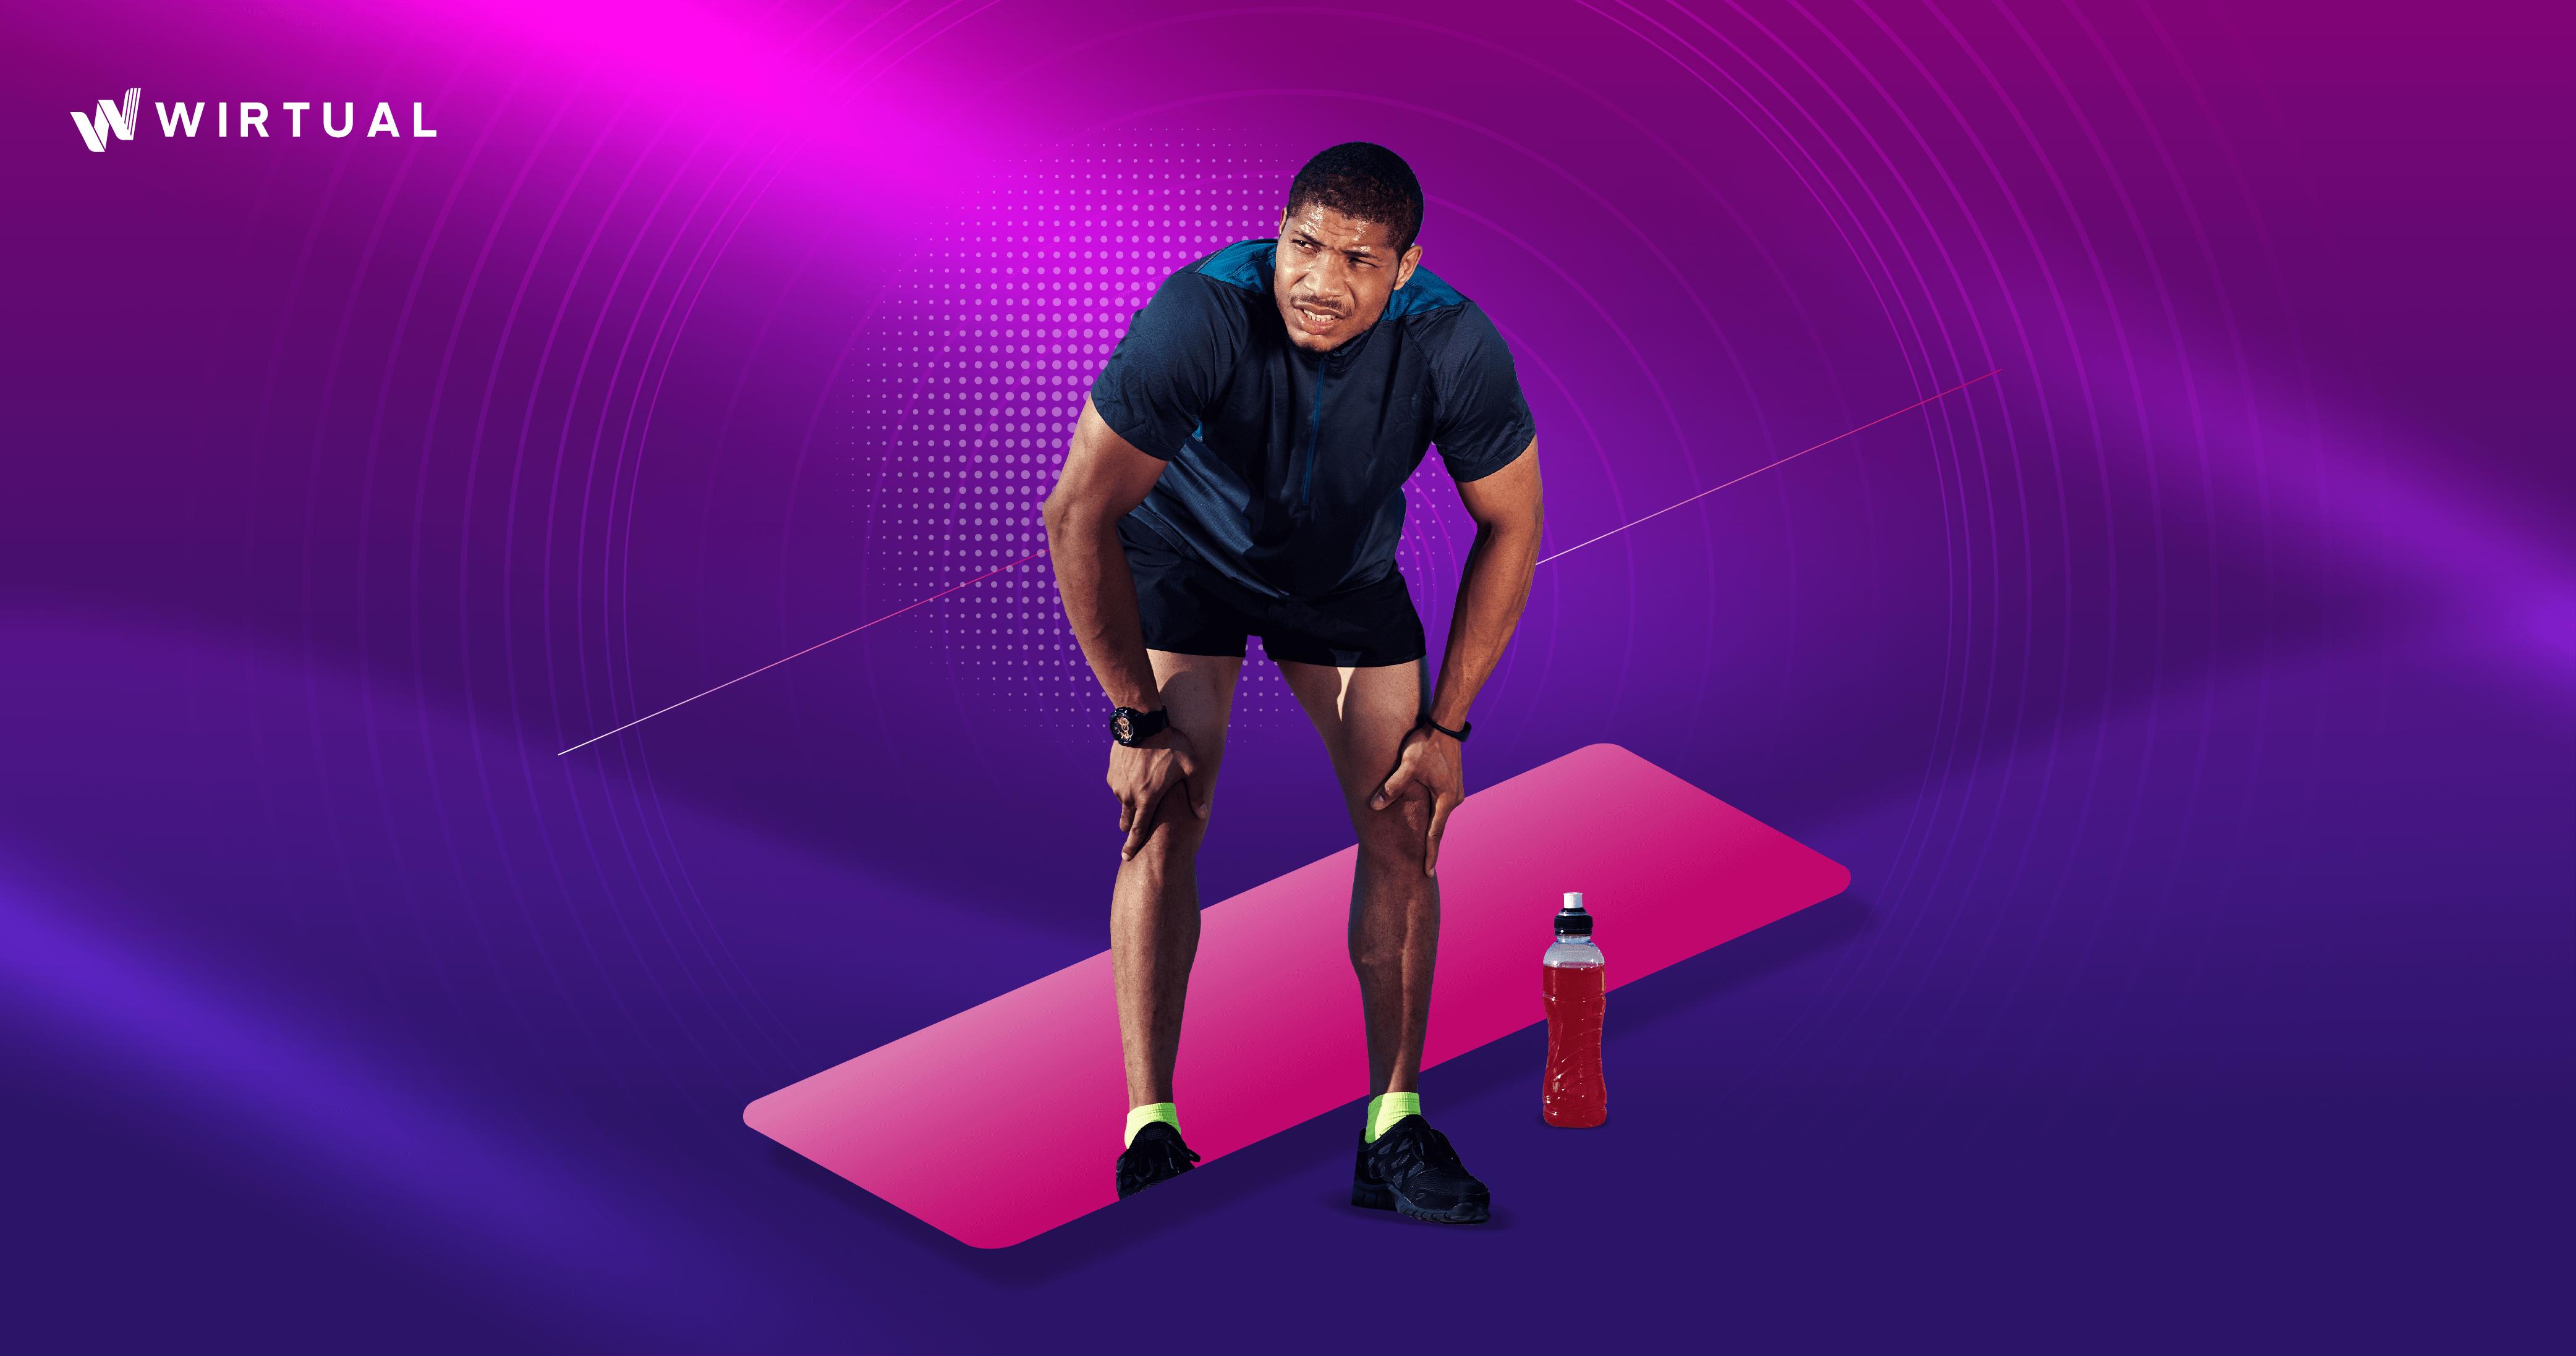 5 วิธีเตรียมตัวสำหรับคนที่หยุดวิ่งไปนาน แต่อยากกลับมาวิ่งใหม่อีกครั้ง